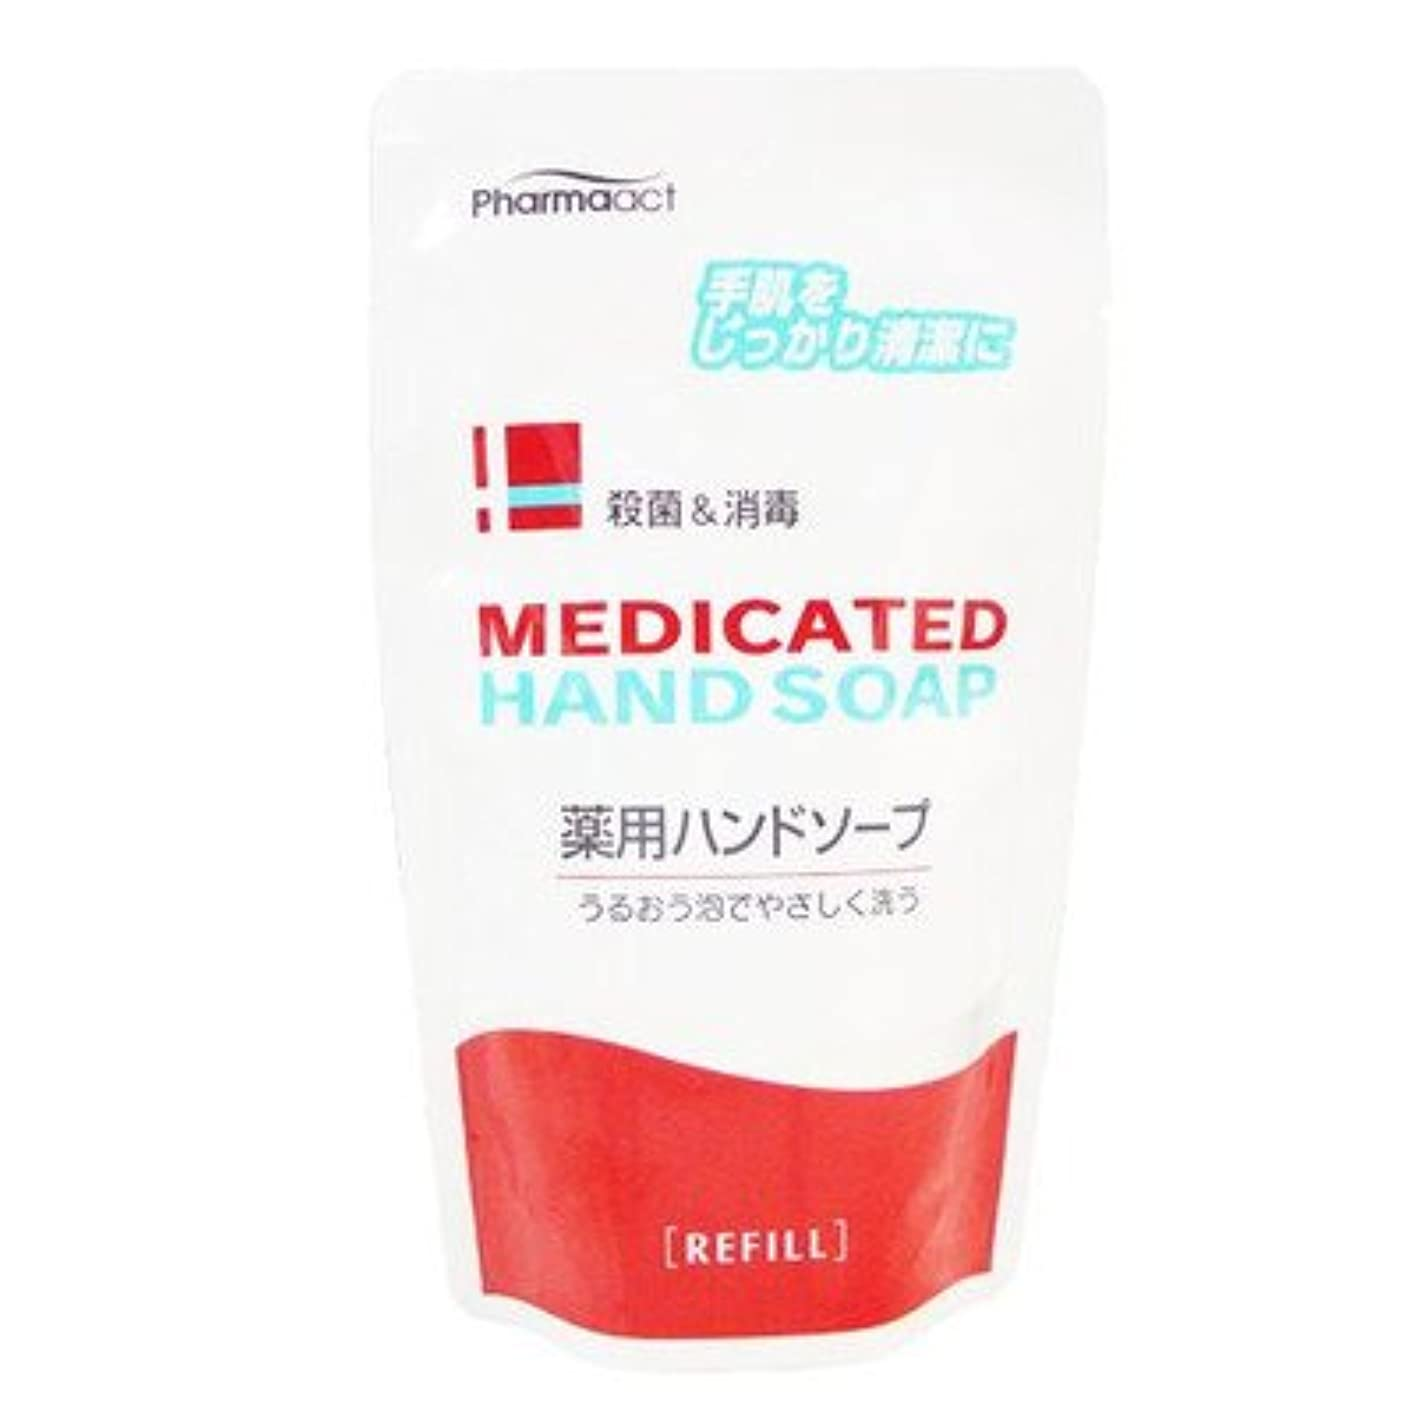 思われるその結果脚本家Medicated 薬用ハンドソープ 殺菌+消毒 200ml【つめかえ用】(医薬部外品)